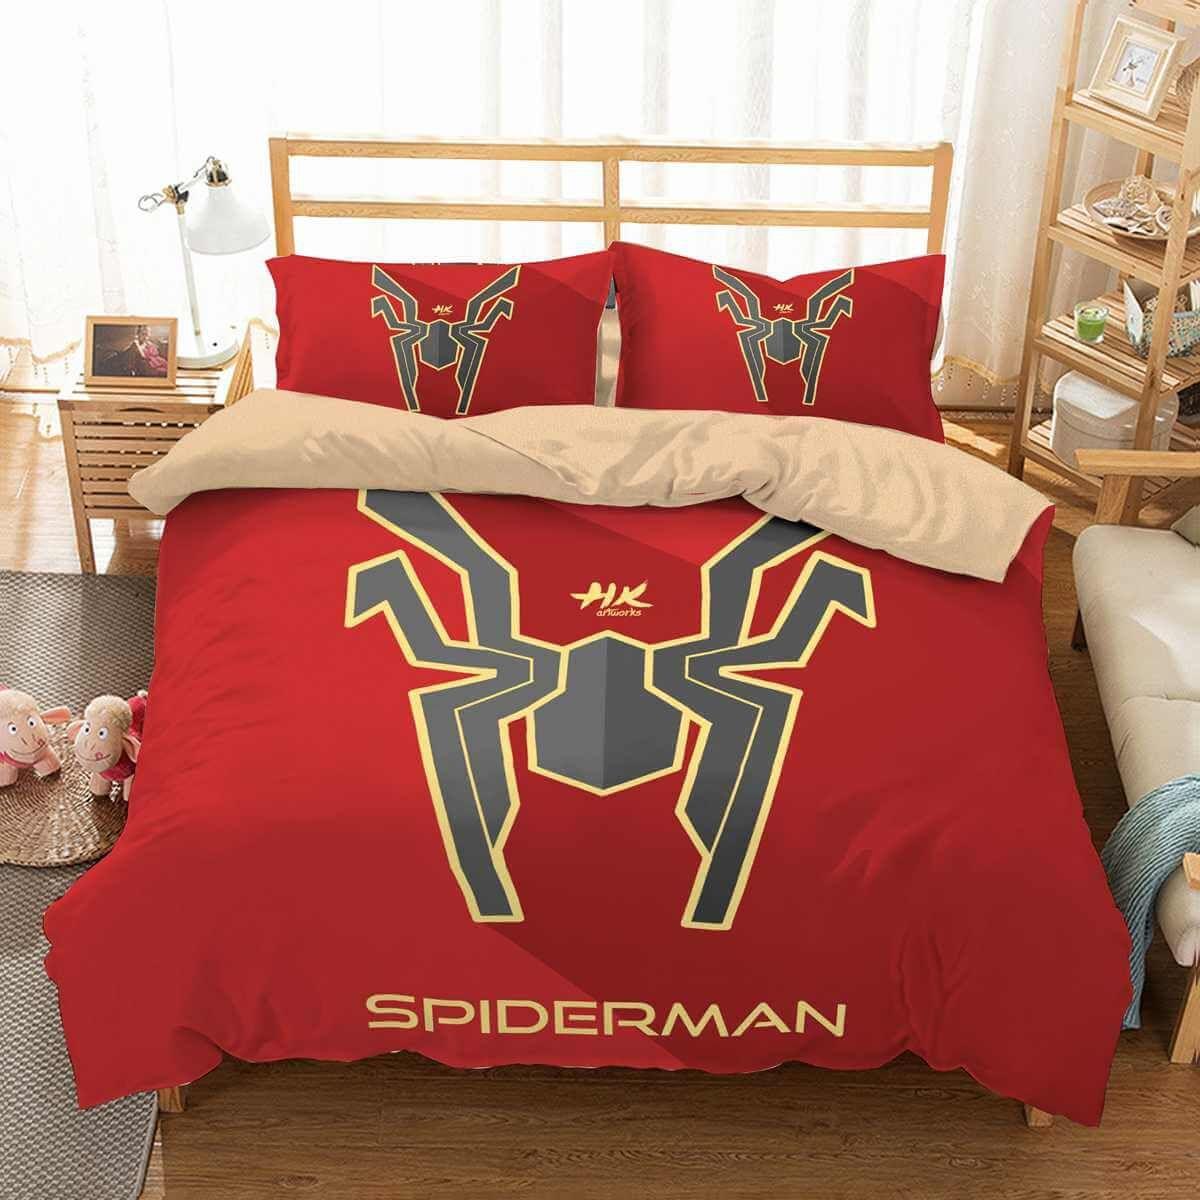 3D Customize Spider Man Bedding Set Duvet Cover Set Bedroom ...